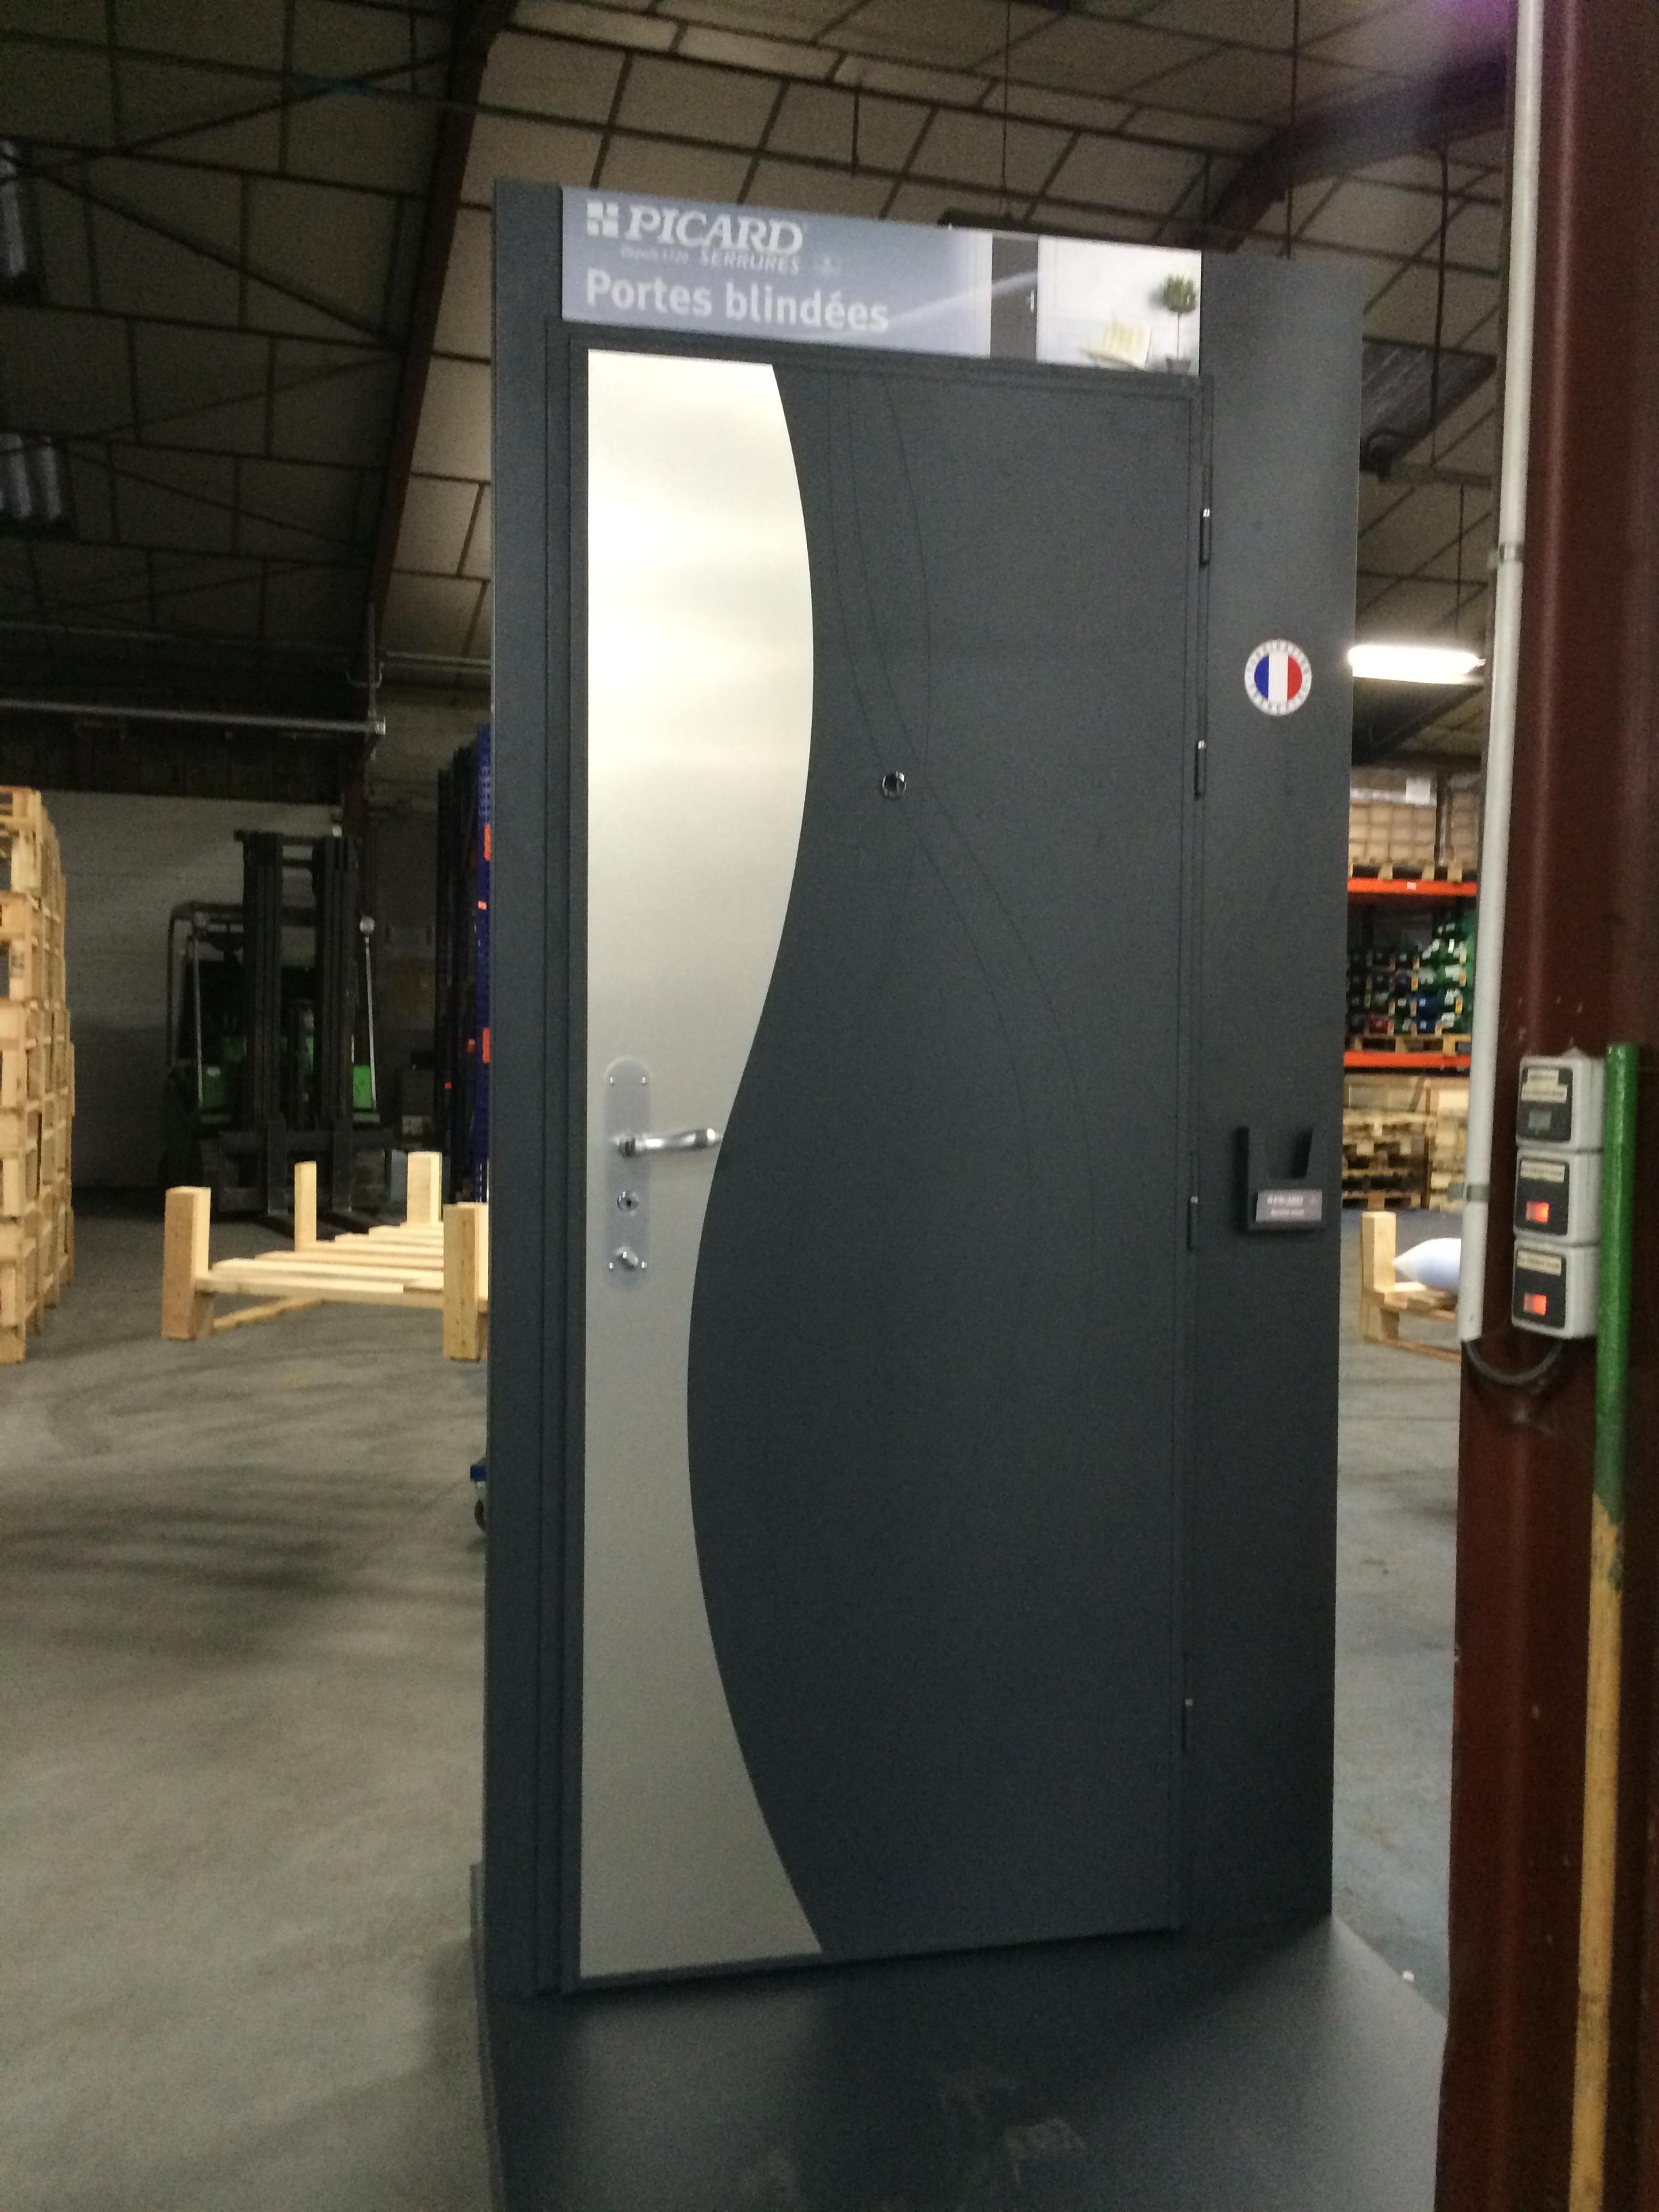 Replacement Prix Porte Blindee Suggestions Kvazarinfo - Porte placard coulissante jumelé avec blindage de porte paris